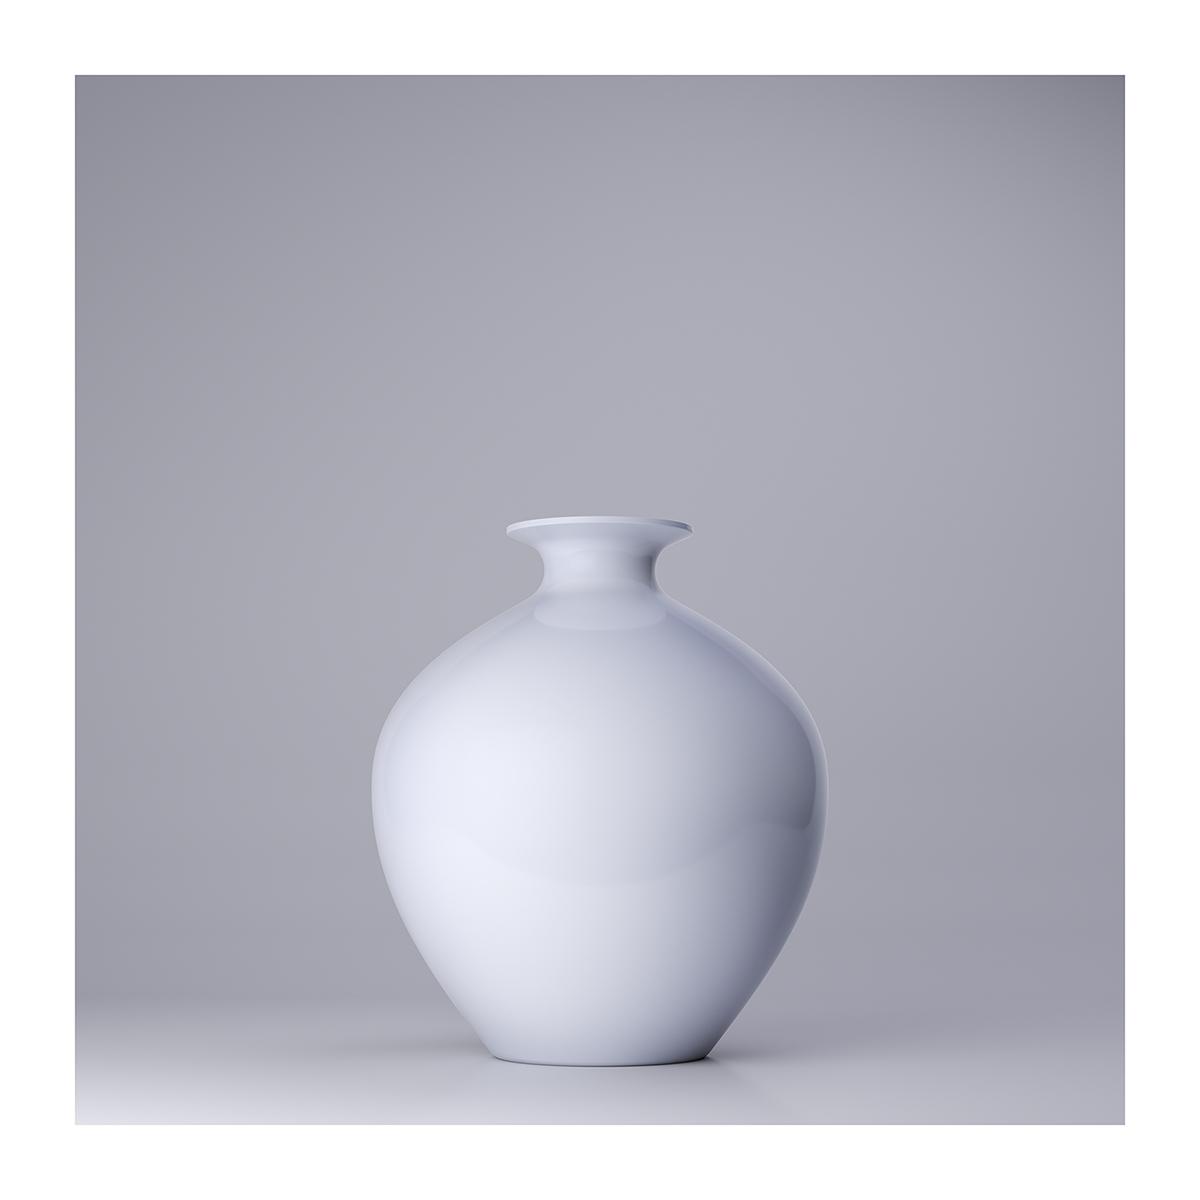 230 Lsdr TWHS Virtual Ceramics I 007 - 2021 - La simplicité du regard. This was HomoSapiens. Virtual Ceramics. I